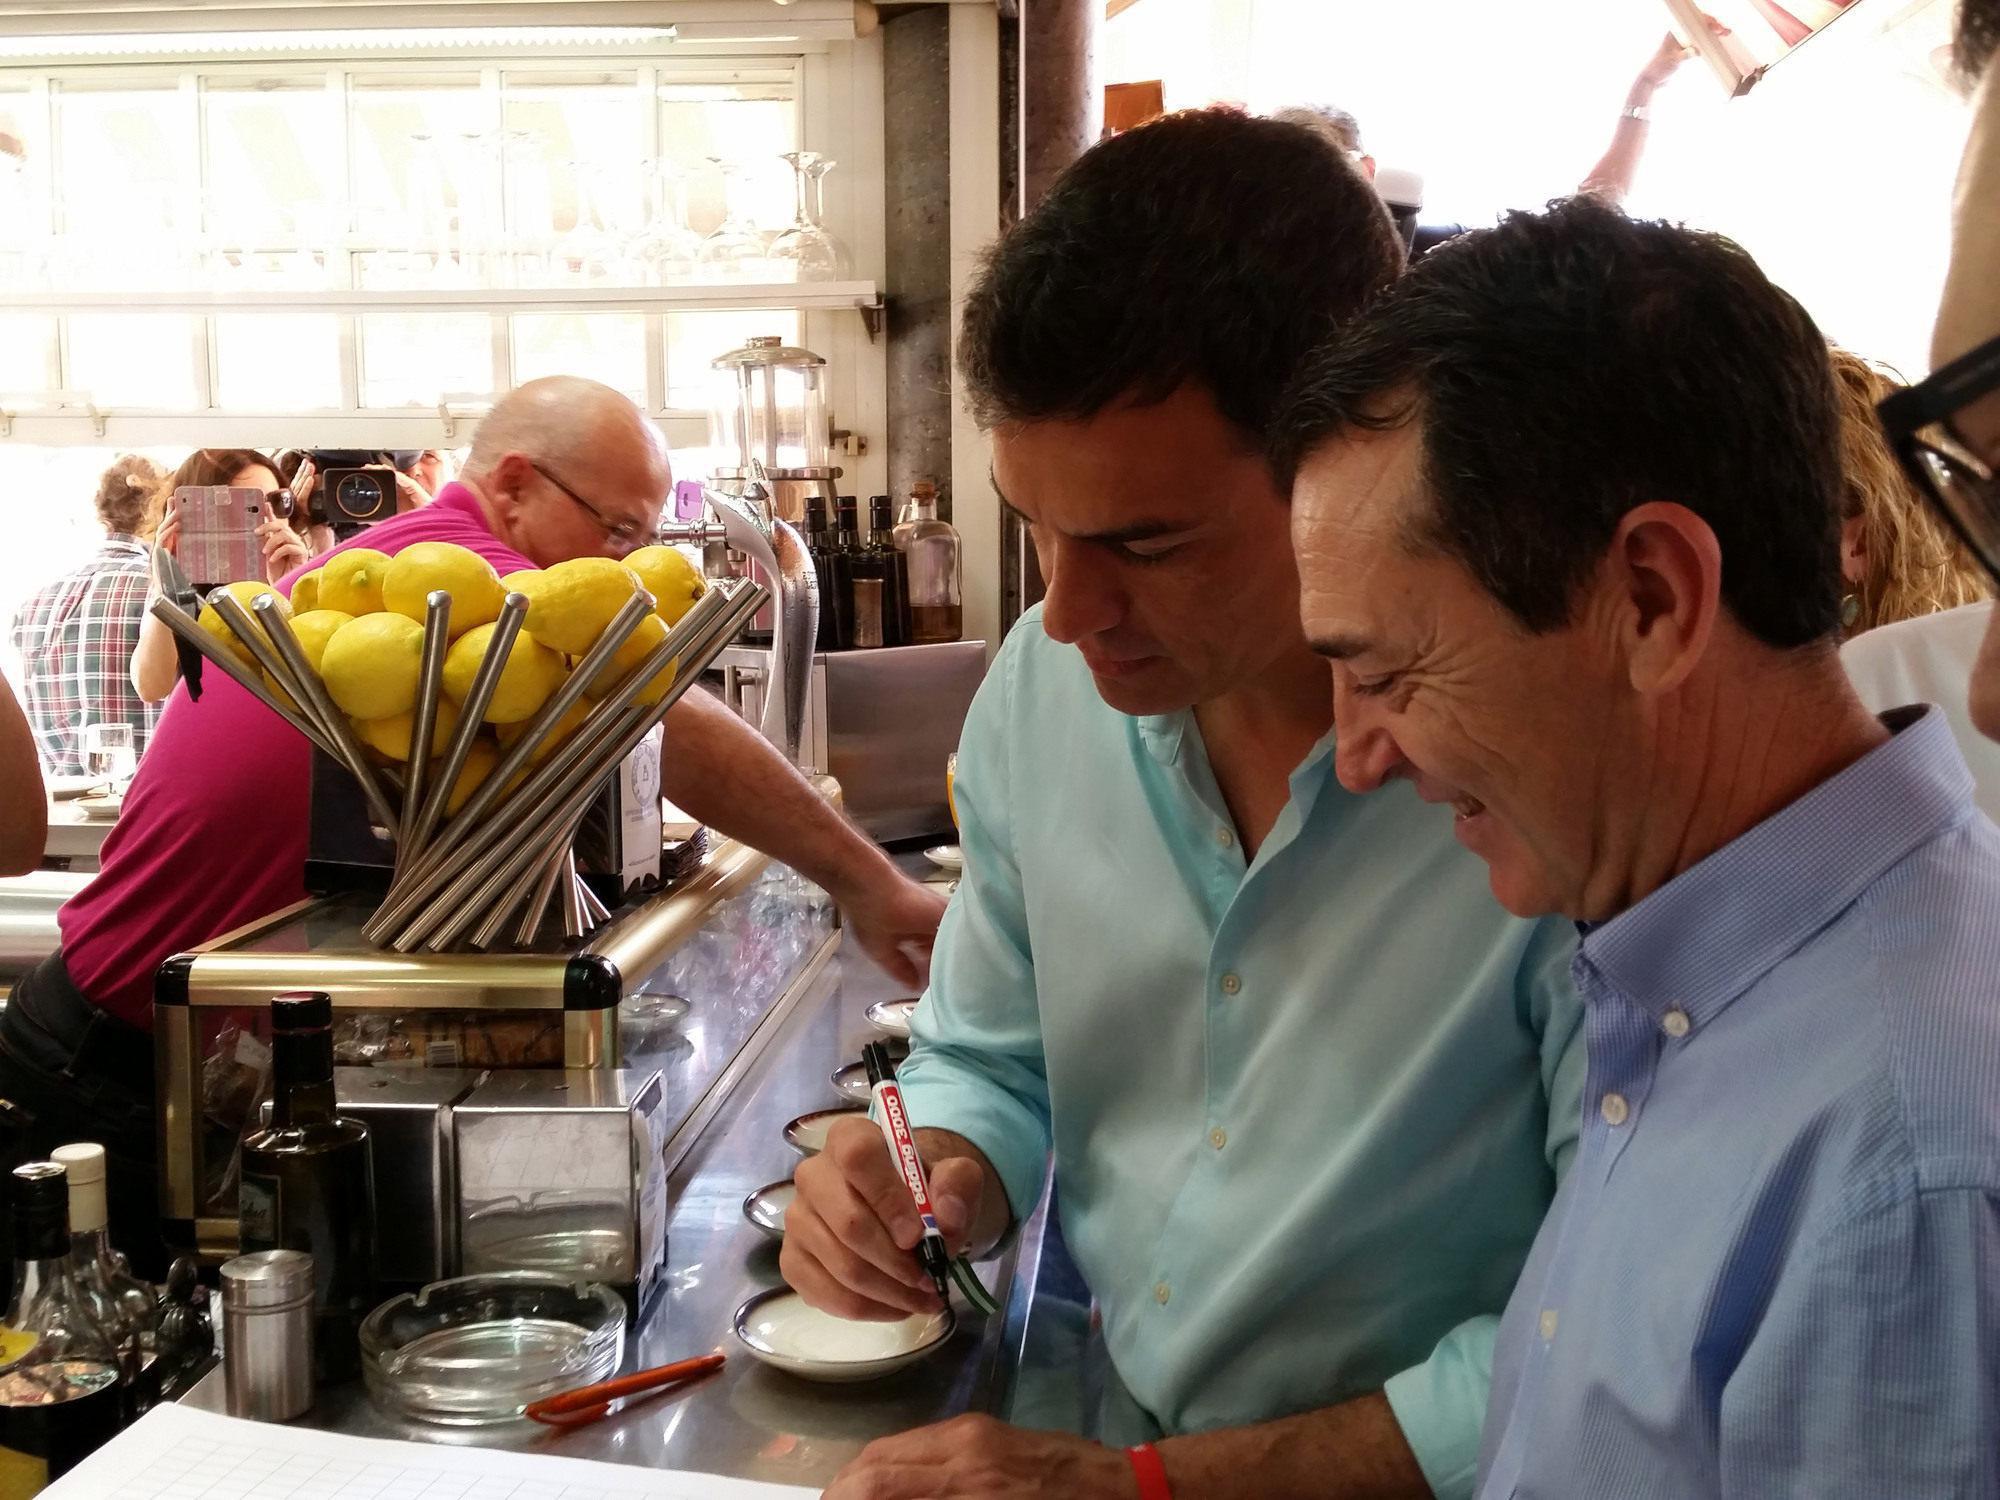 Pedro Sánchez apuesta por Pérez Navas para cambiar Almería creando empleo e igualando los barrios